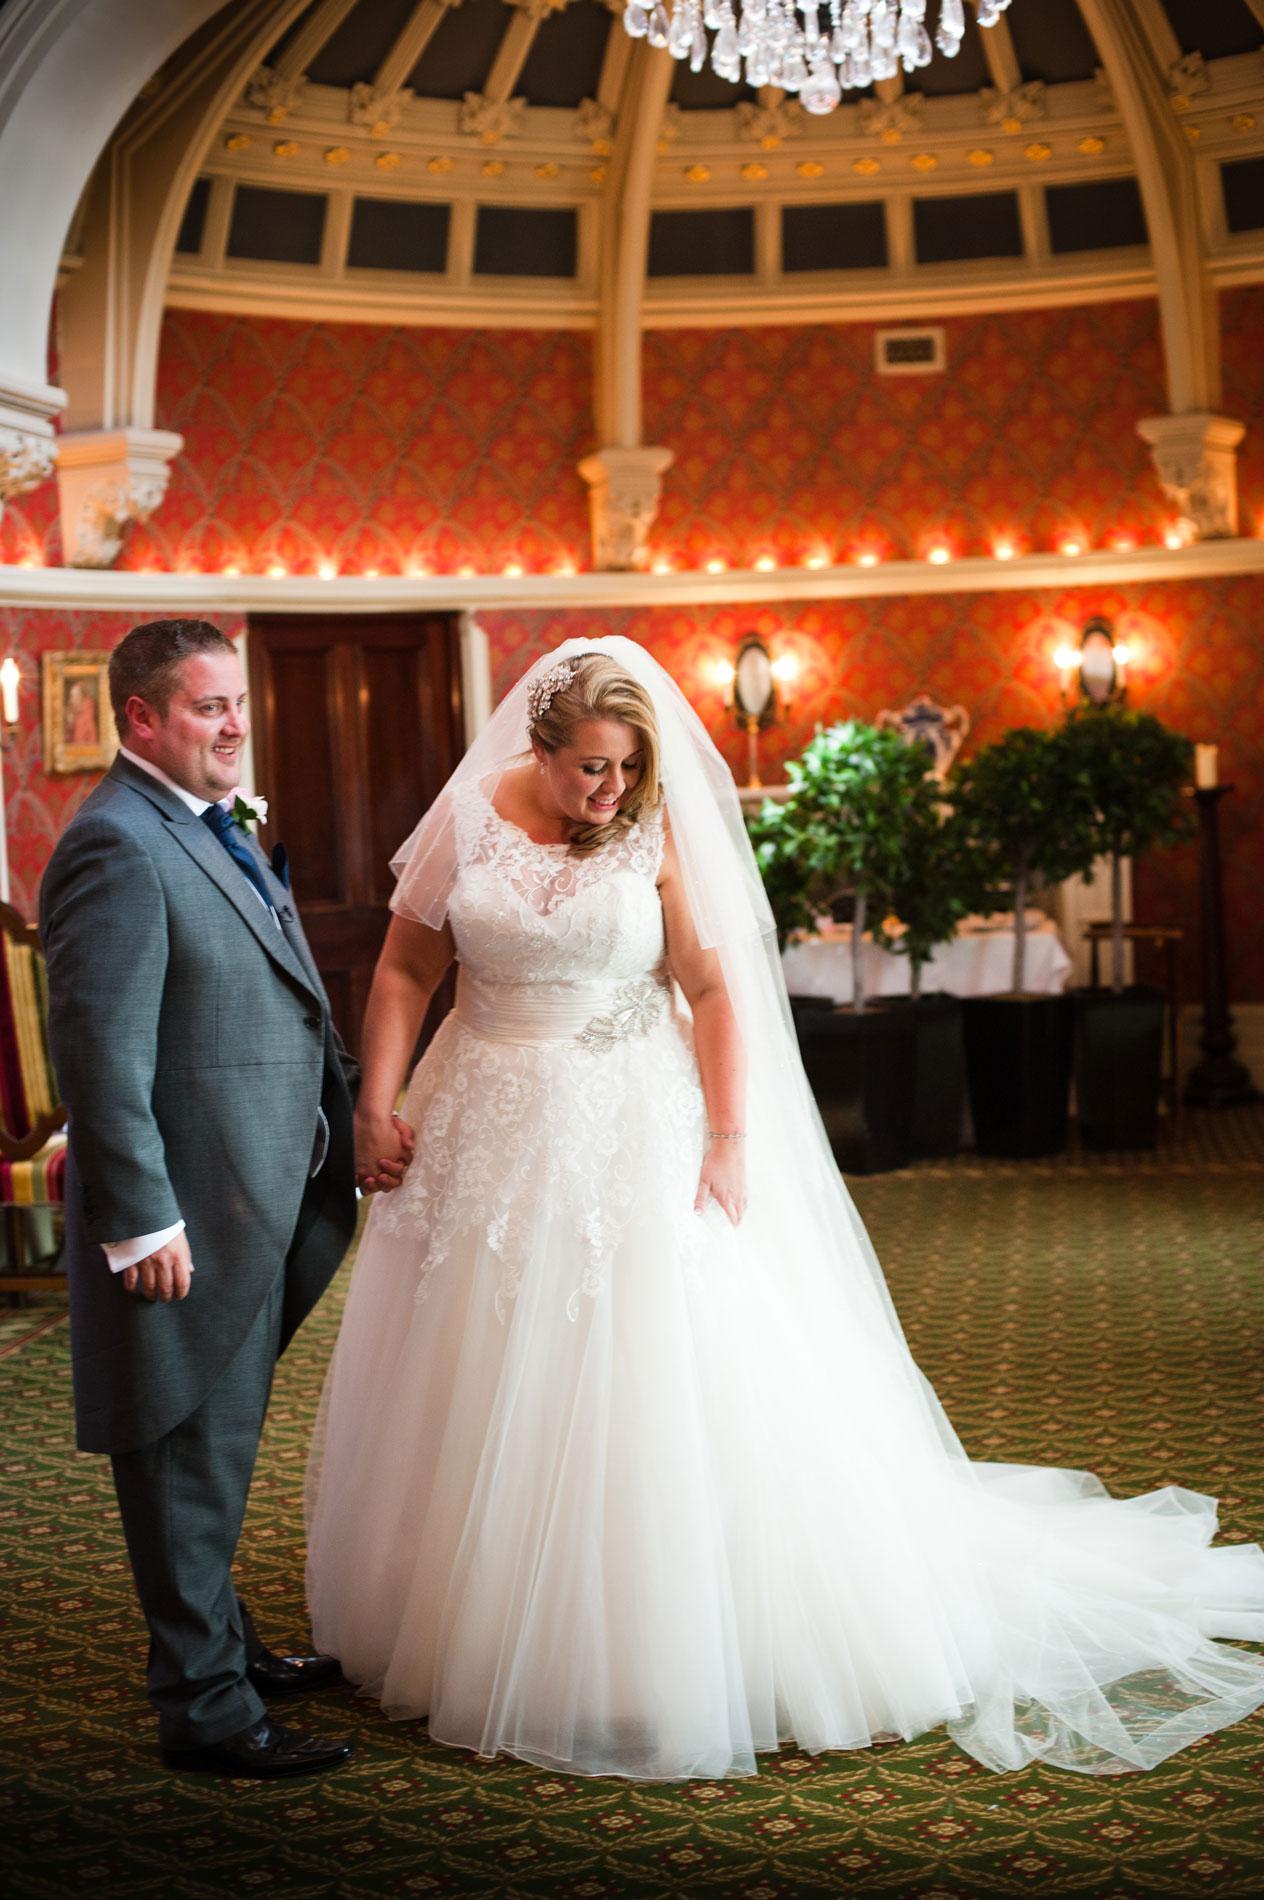 Kilworth-weddings-_41.jpg